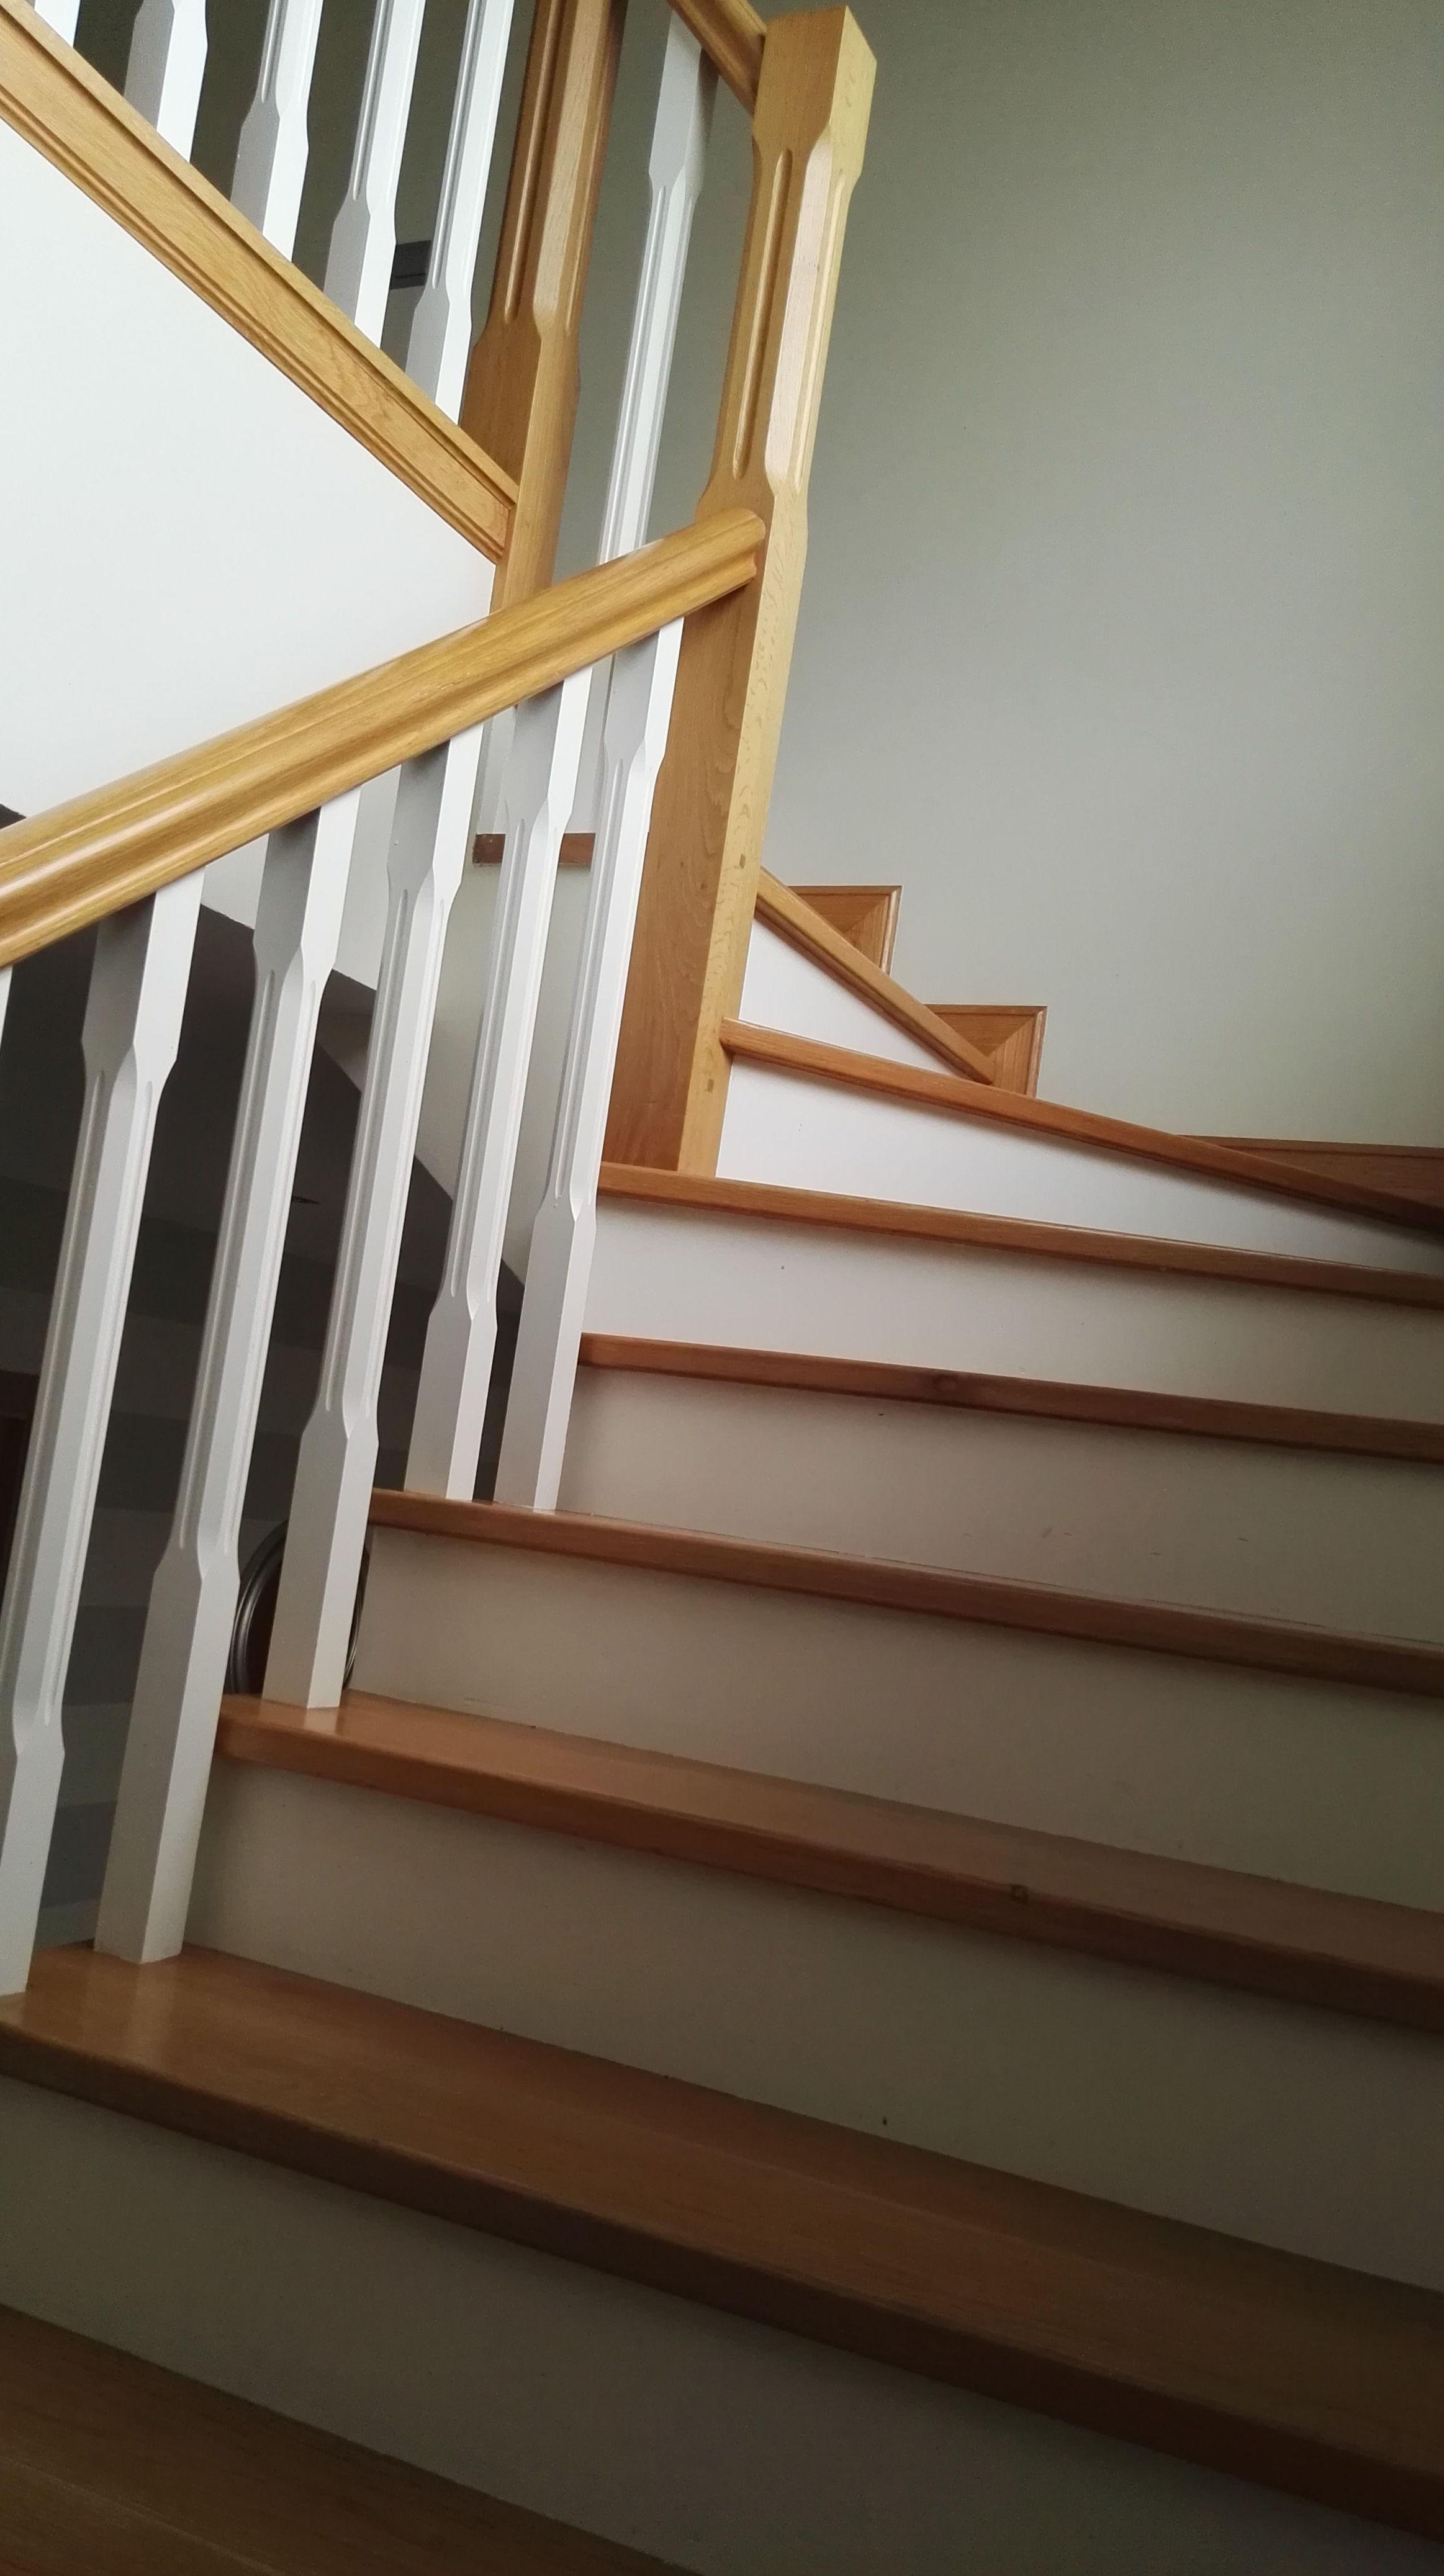 Hacer escalera de madrera